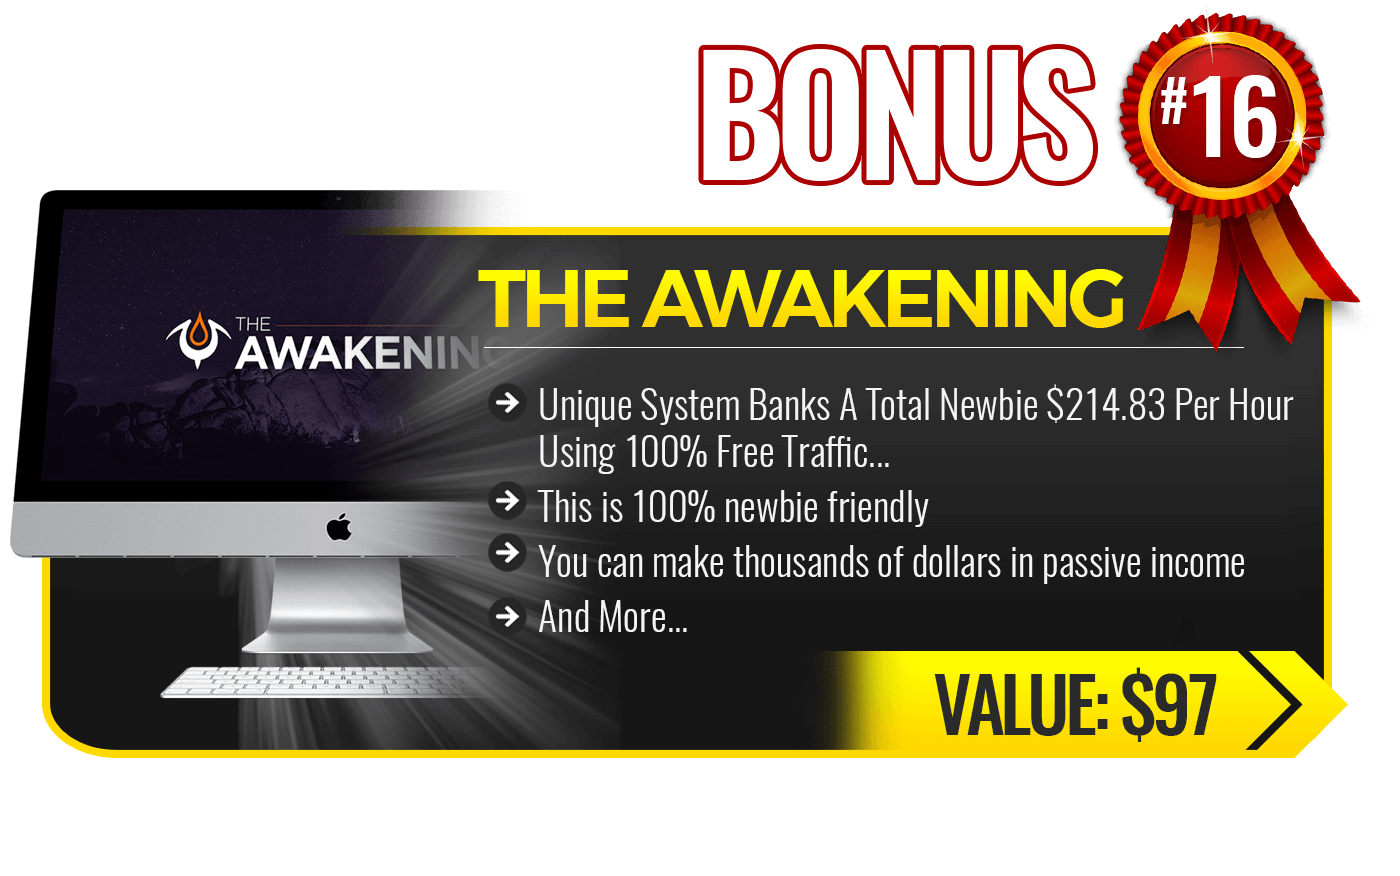 16. The Awakening